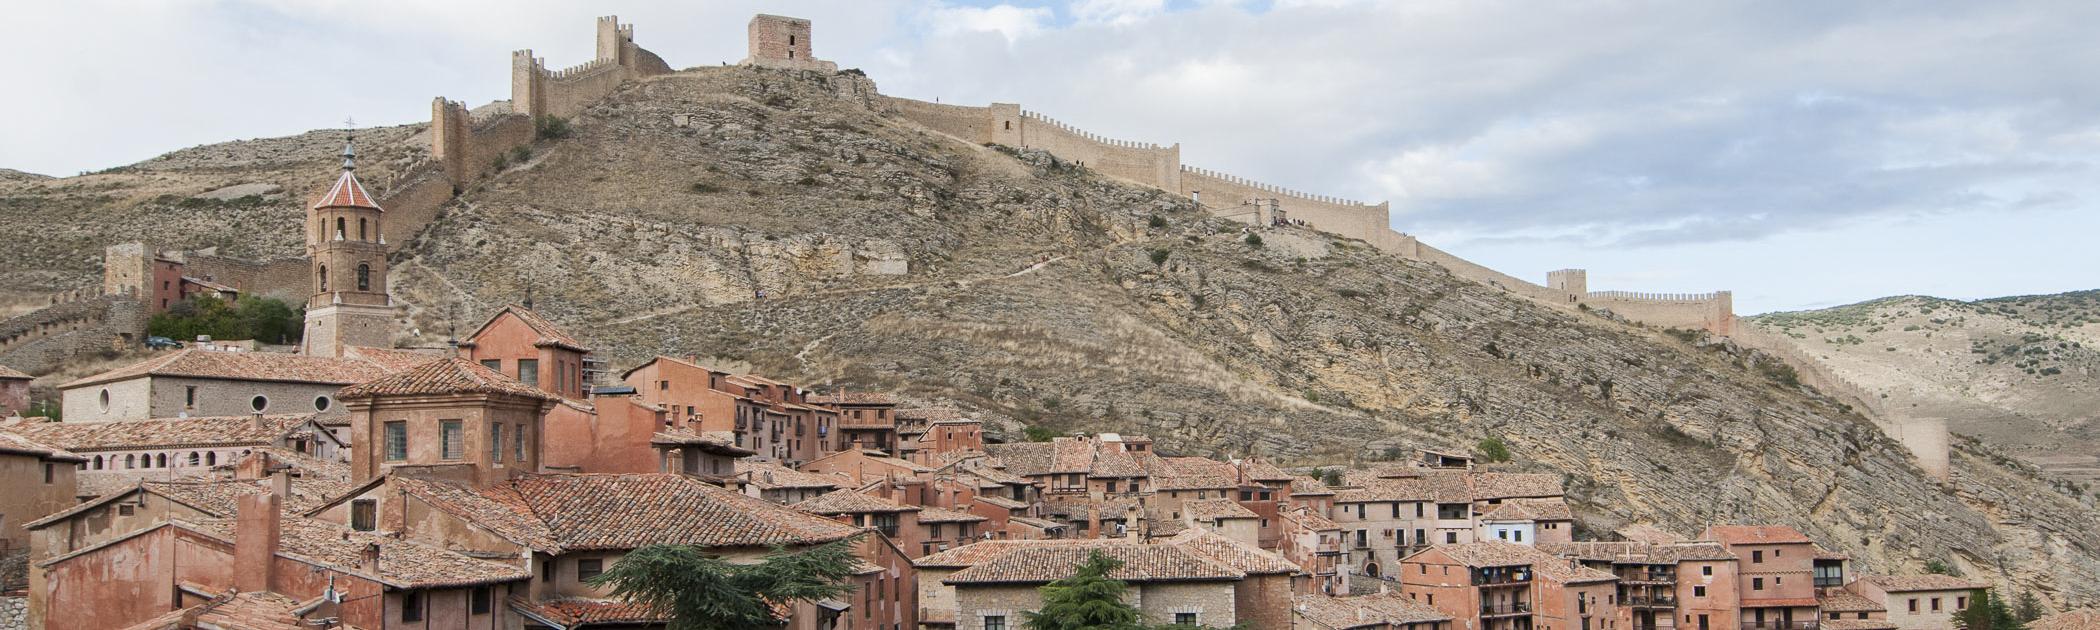 Albarracín pueblo